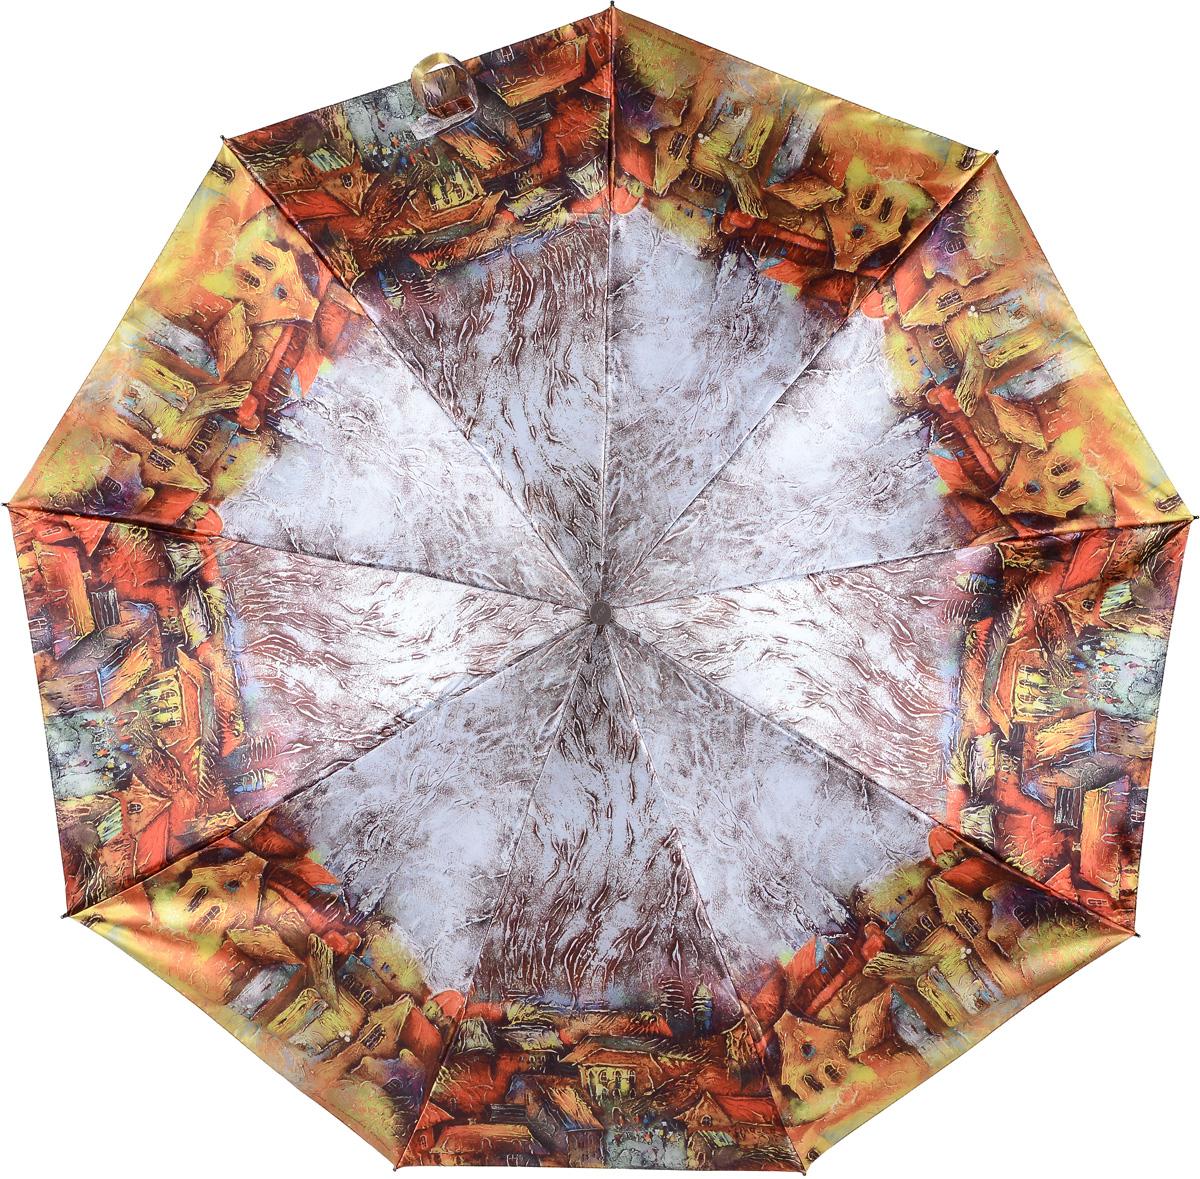 Зонт женский Zest, цвет: оранжевый, серый. 23944-244123944-2441Женский зонт Zest в 3 сложения изготовлен из сатина. Модель зонта выполнена в механизме - полный автомат, оснащена системой Антиветер, которая позволяет спицам при порывах ветра выгибаться наизнанку и при этом не ломаться. В закрытом виде застегивается хлястиком на липучке. Удобная ручка выполнена из пластика.